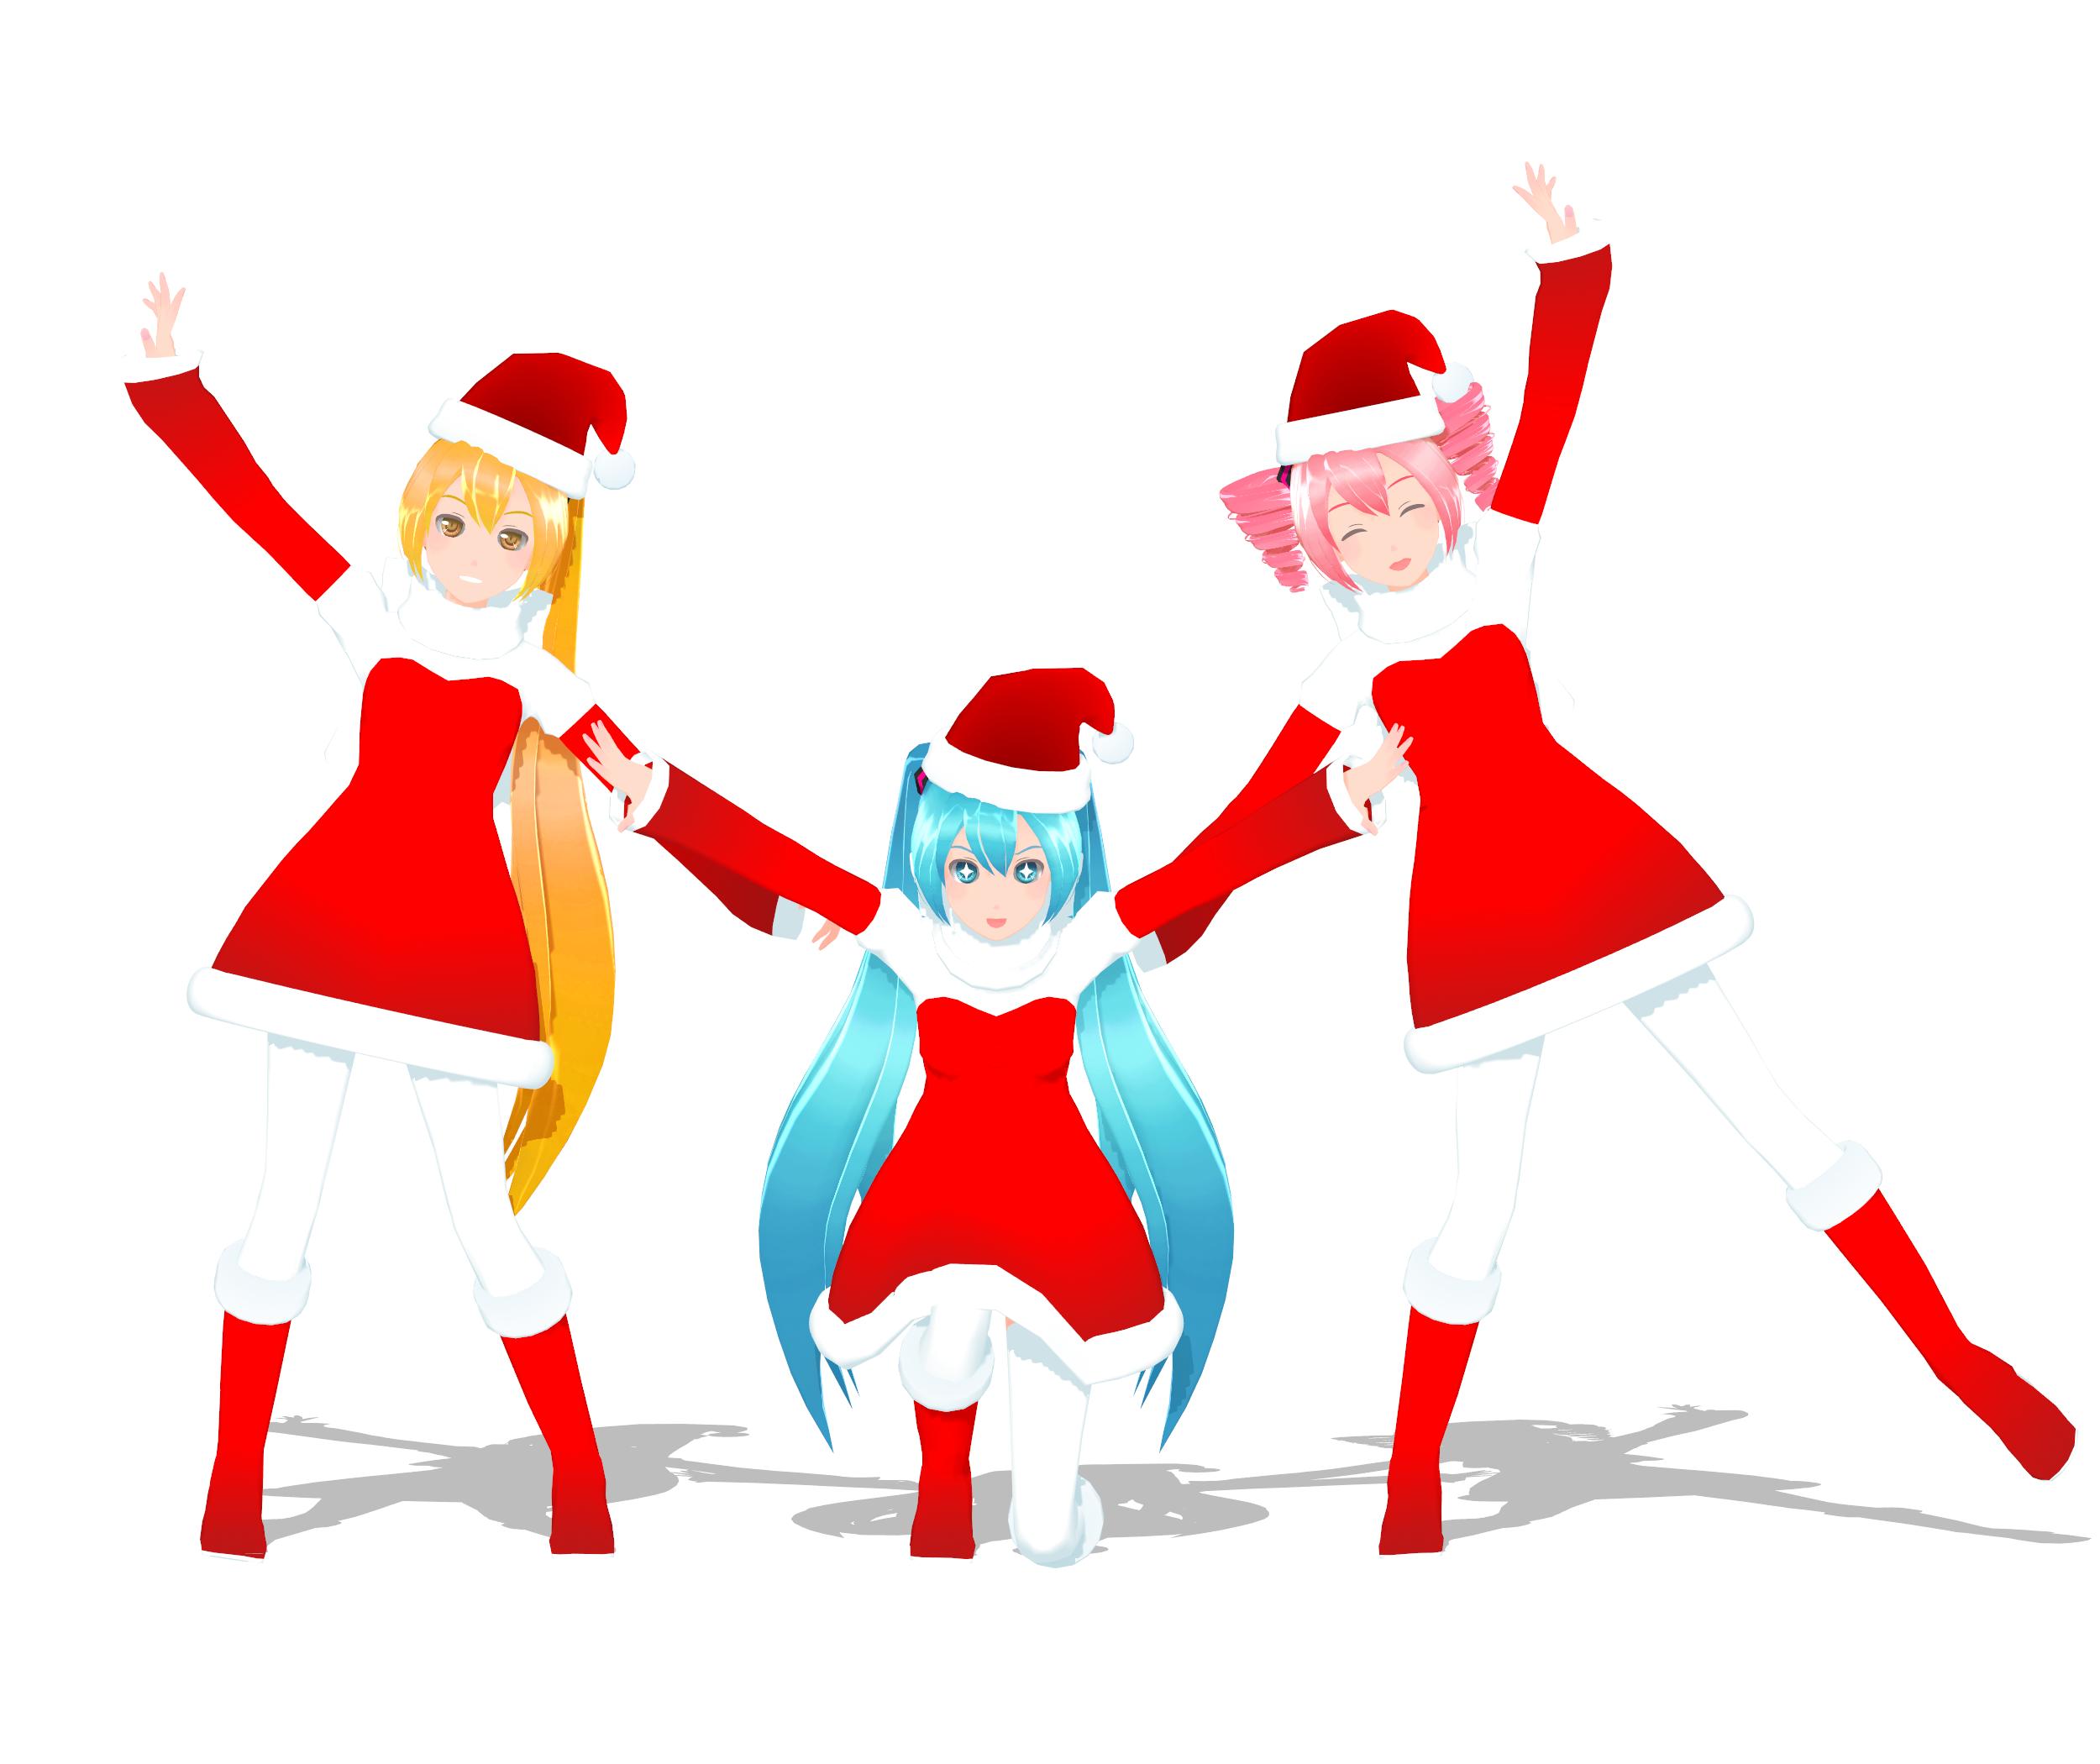 .: DL Series :. Christmas Neru, Miku and Teto by Duekko